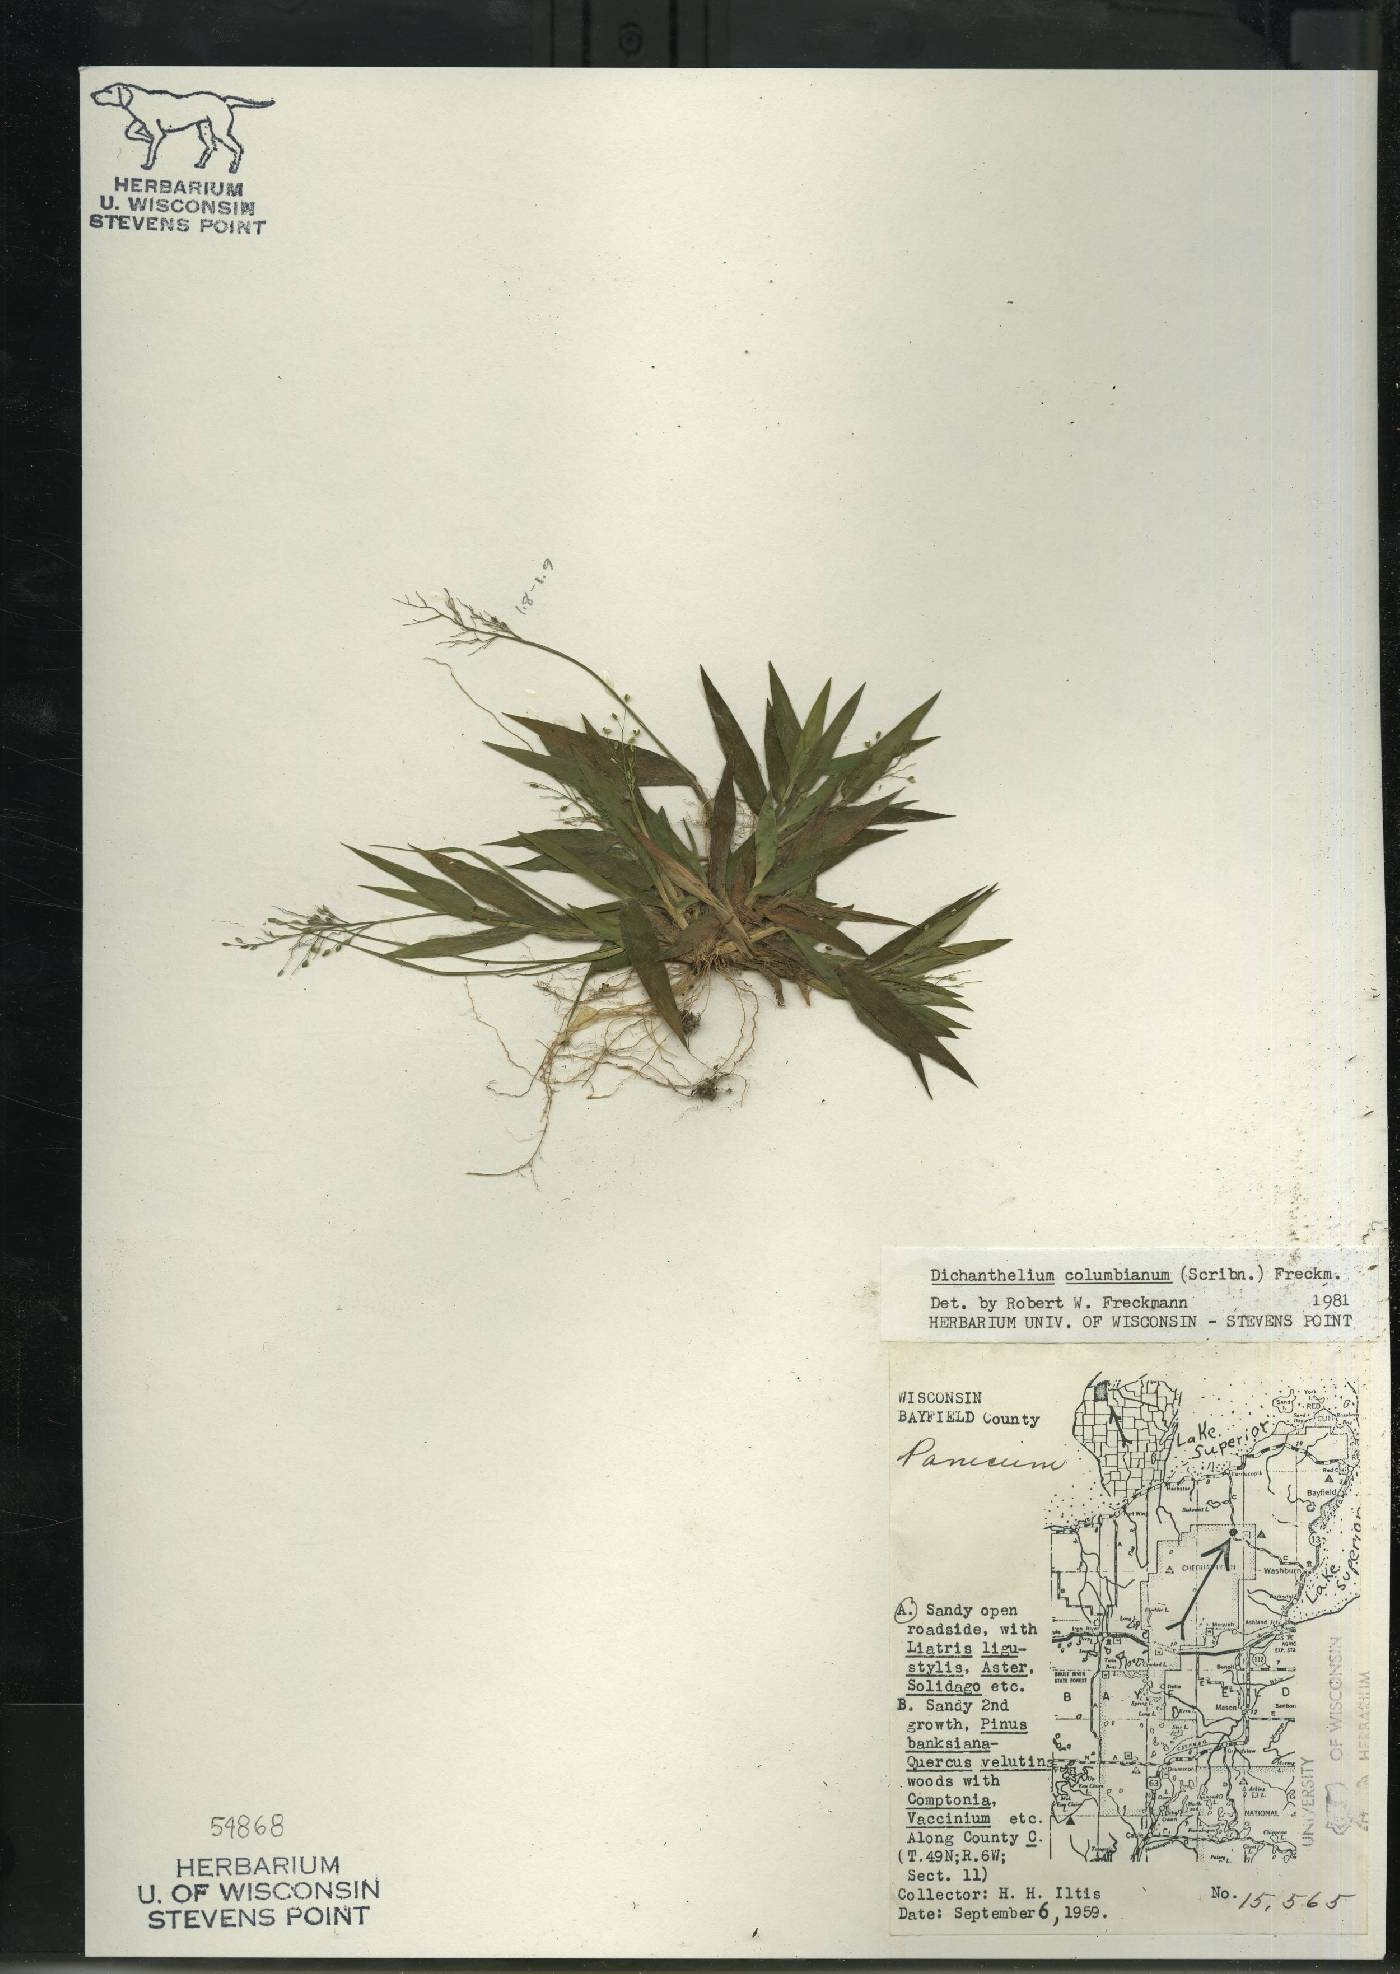 Dichanthelium columbianum image